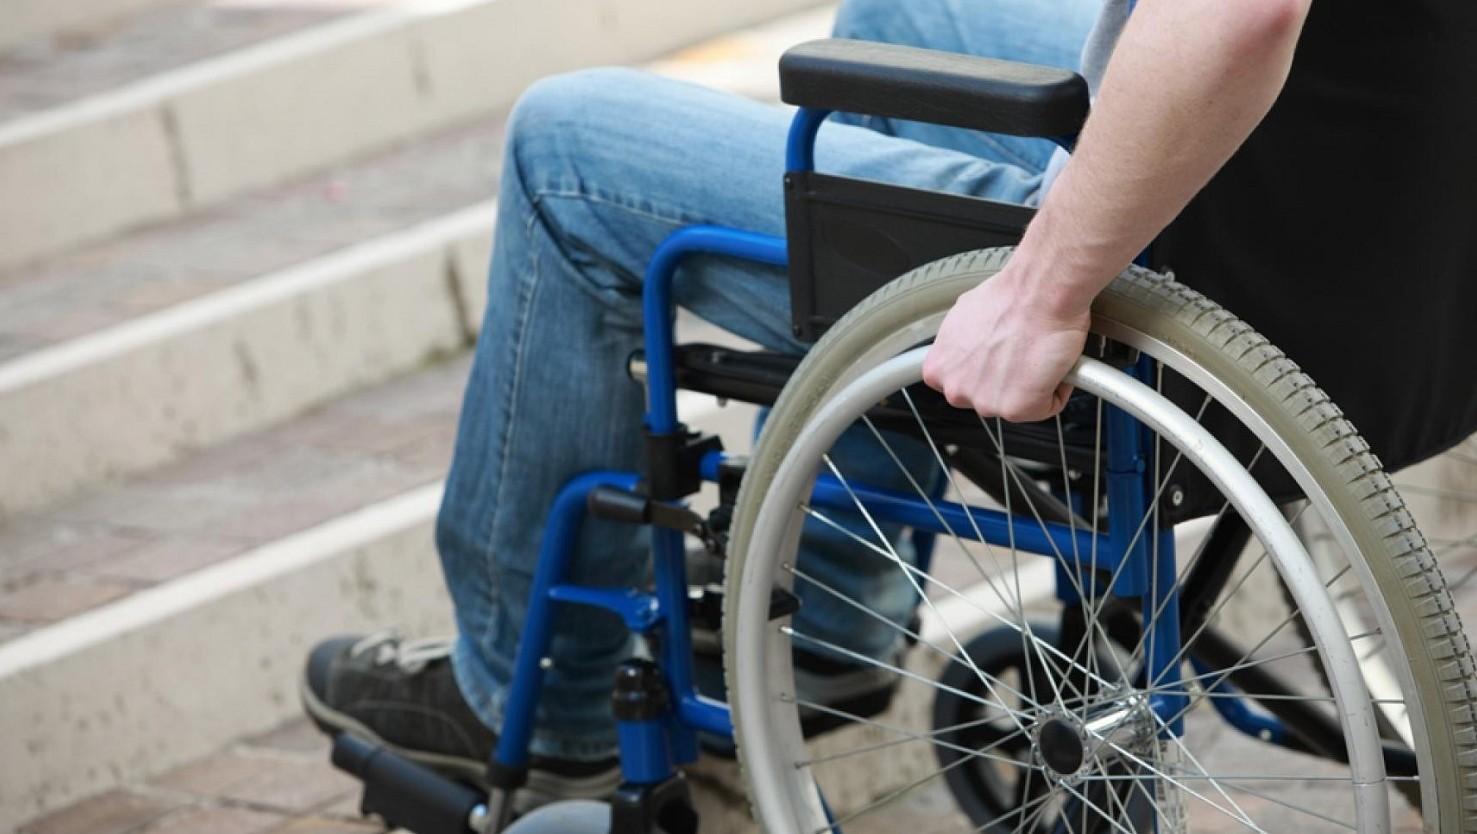 Familiari disabili, le regole in decreto